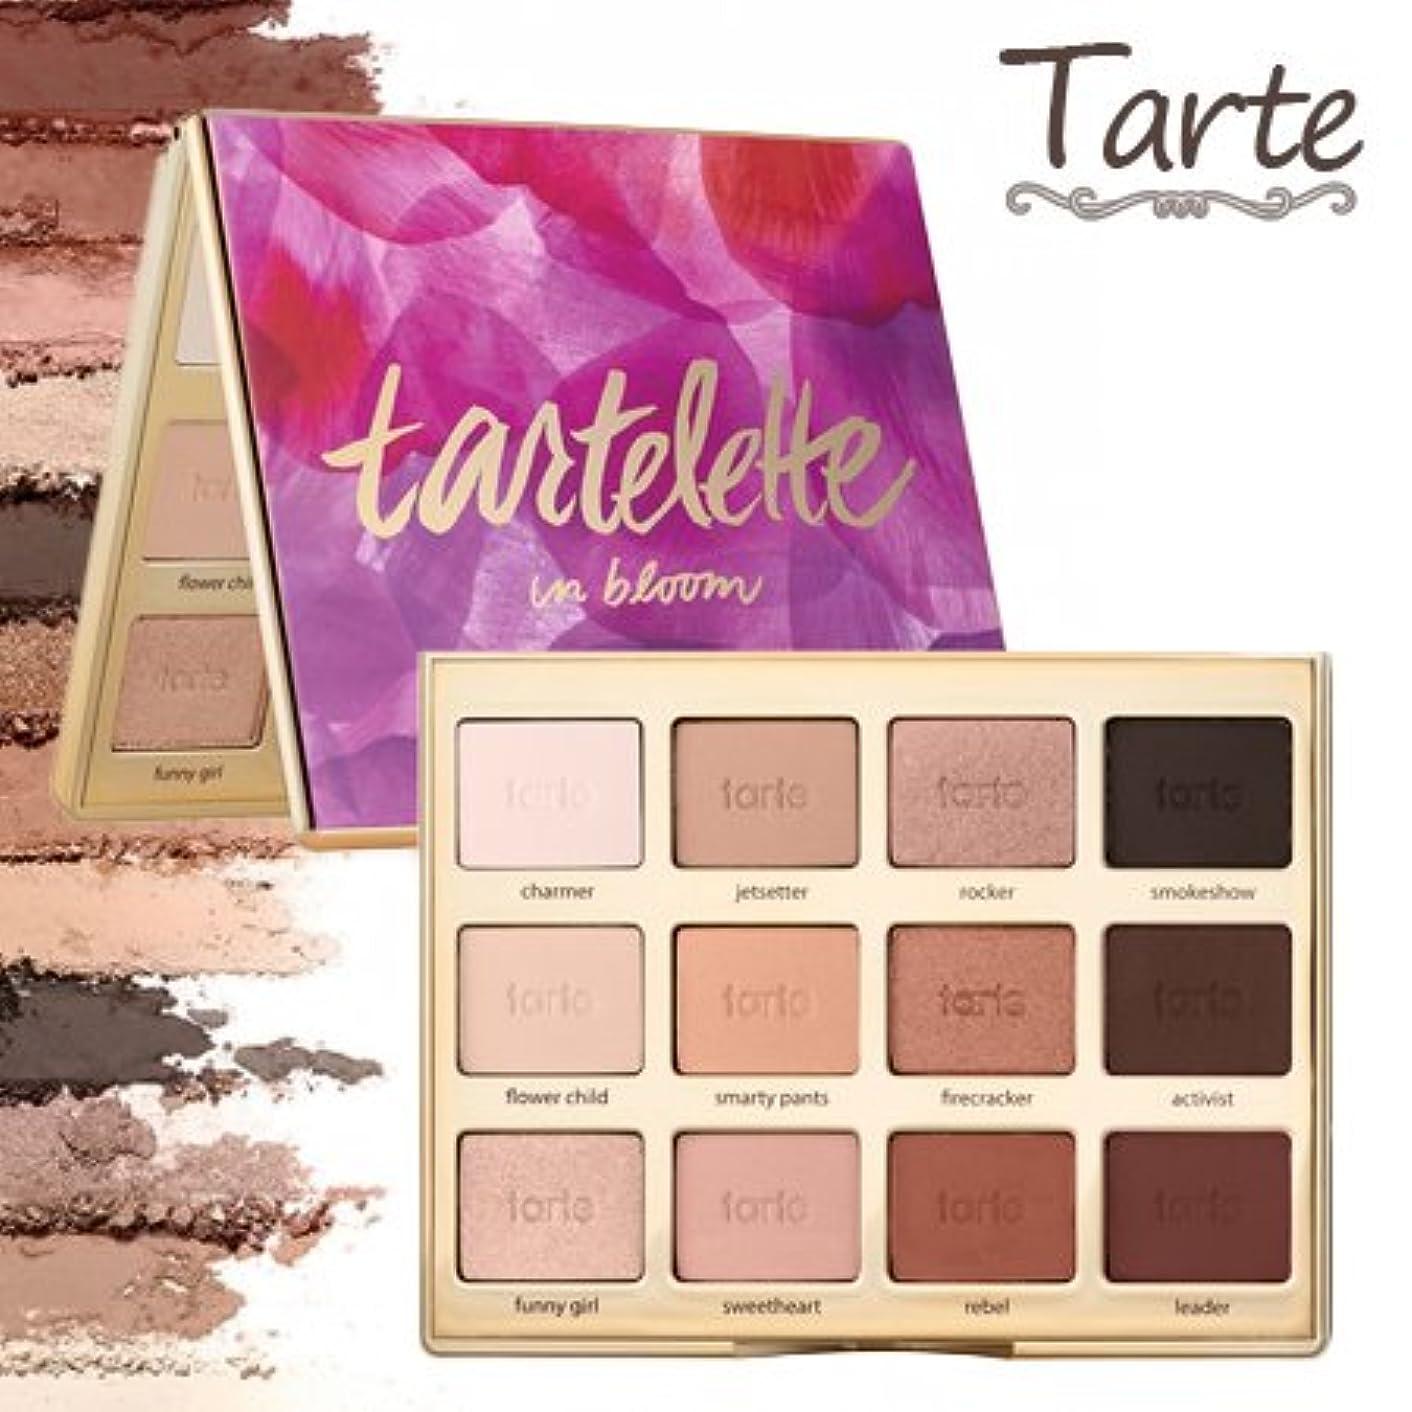 バーベキューつかの間悪質なタルトTarte Tartelette in bloom clay eyeshadow palette アイシャドウ パレット 12色 【並行輸入品】